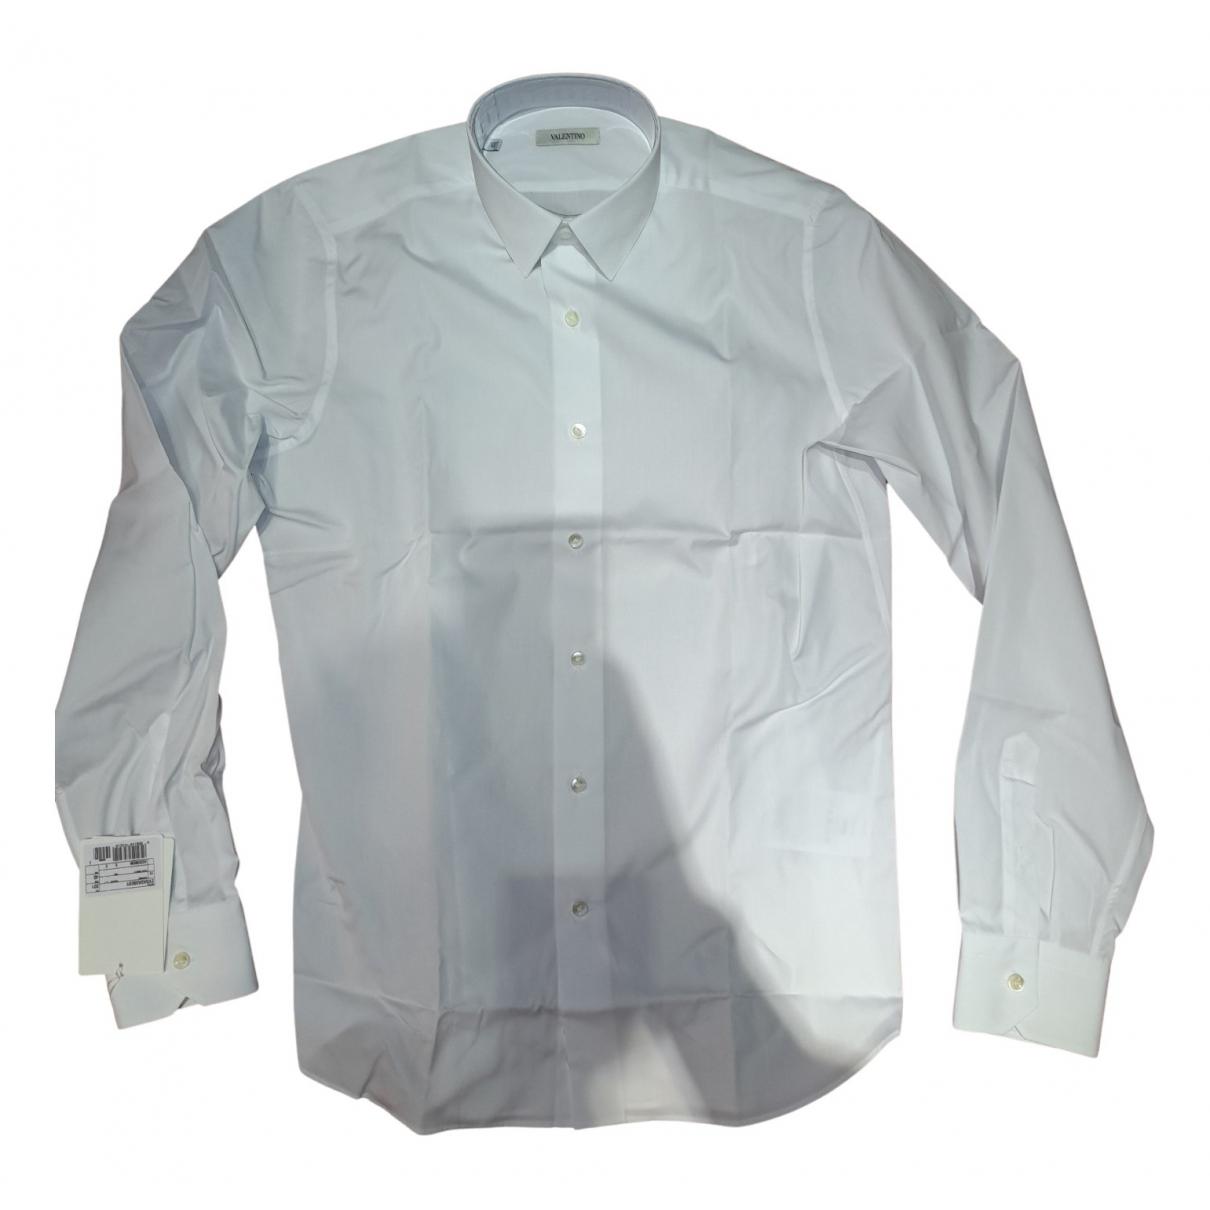 Valentino Garavani N White Cotton Shirts for Men M International